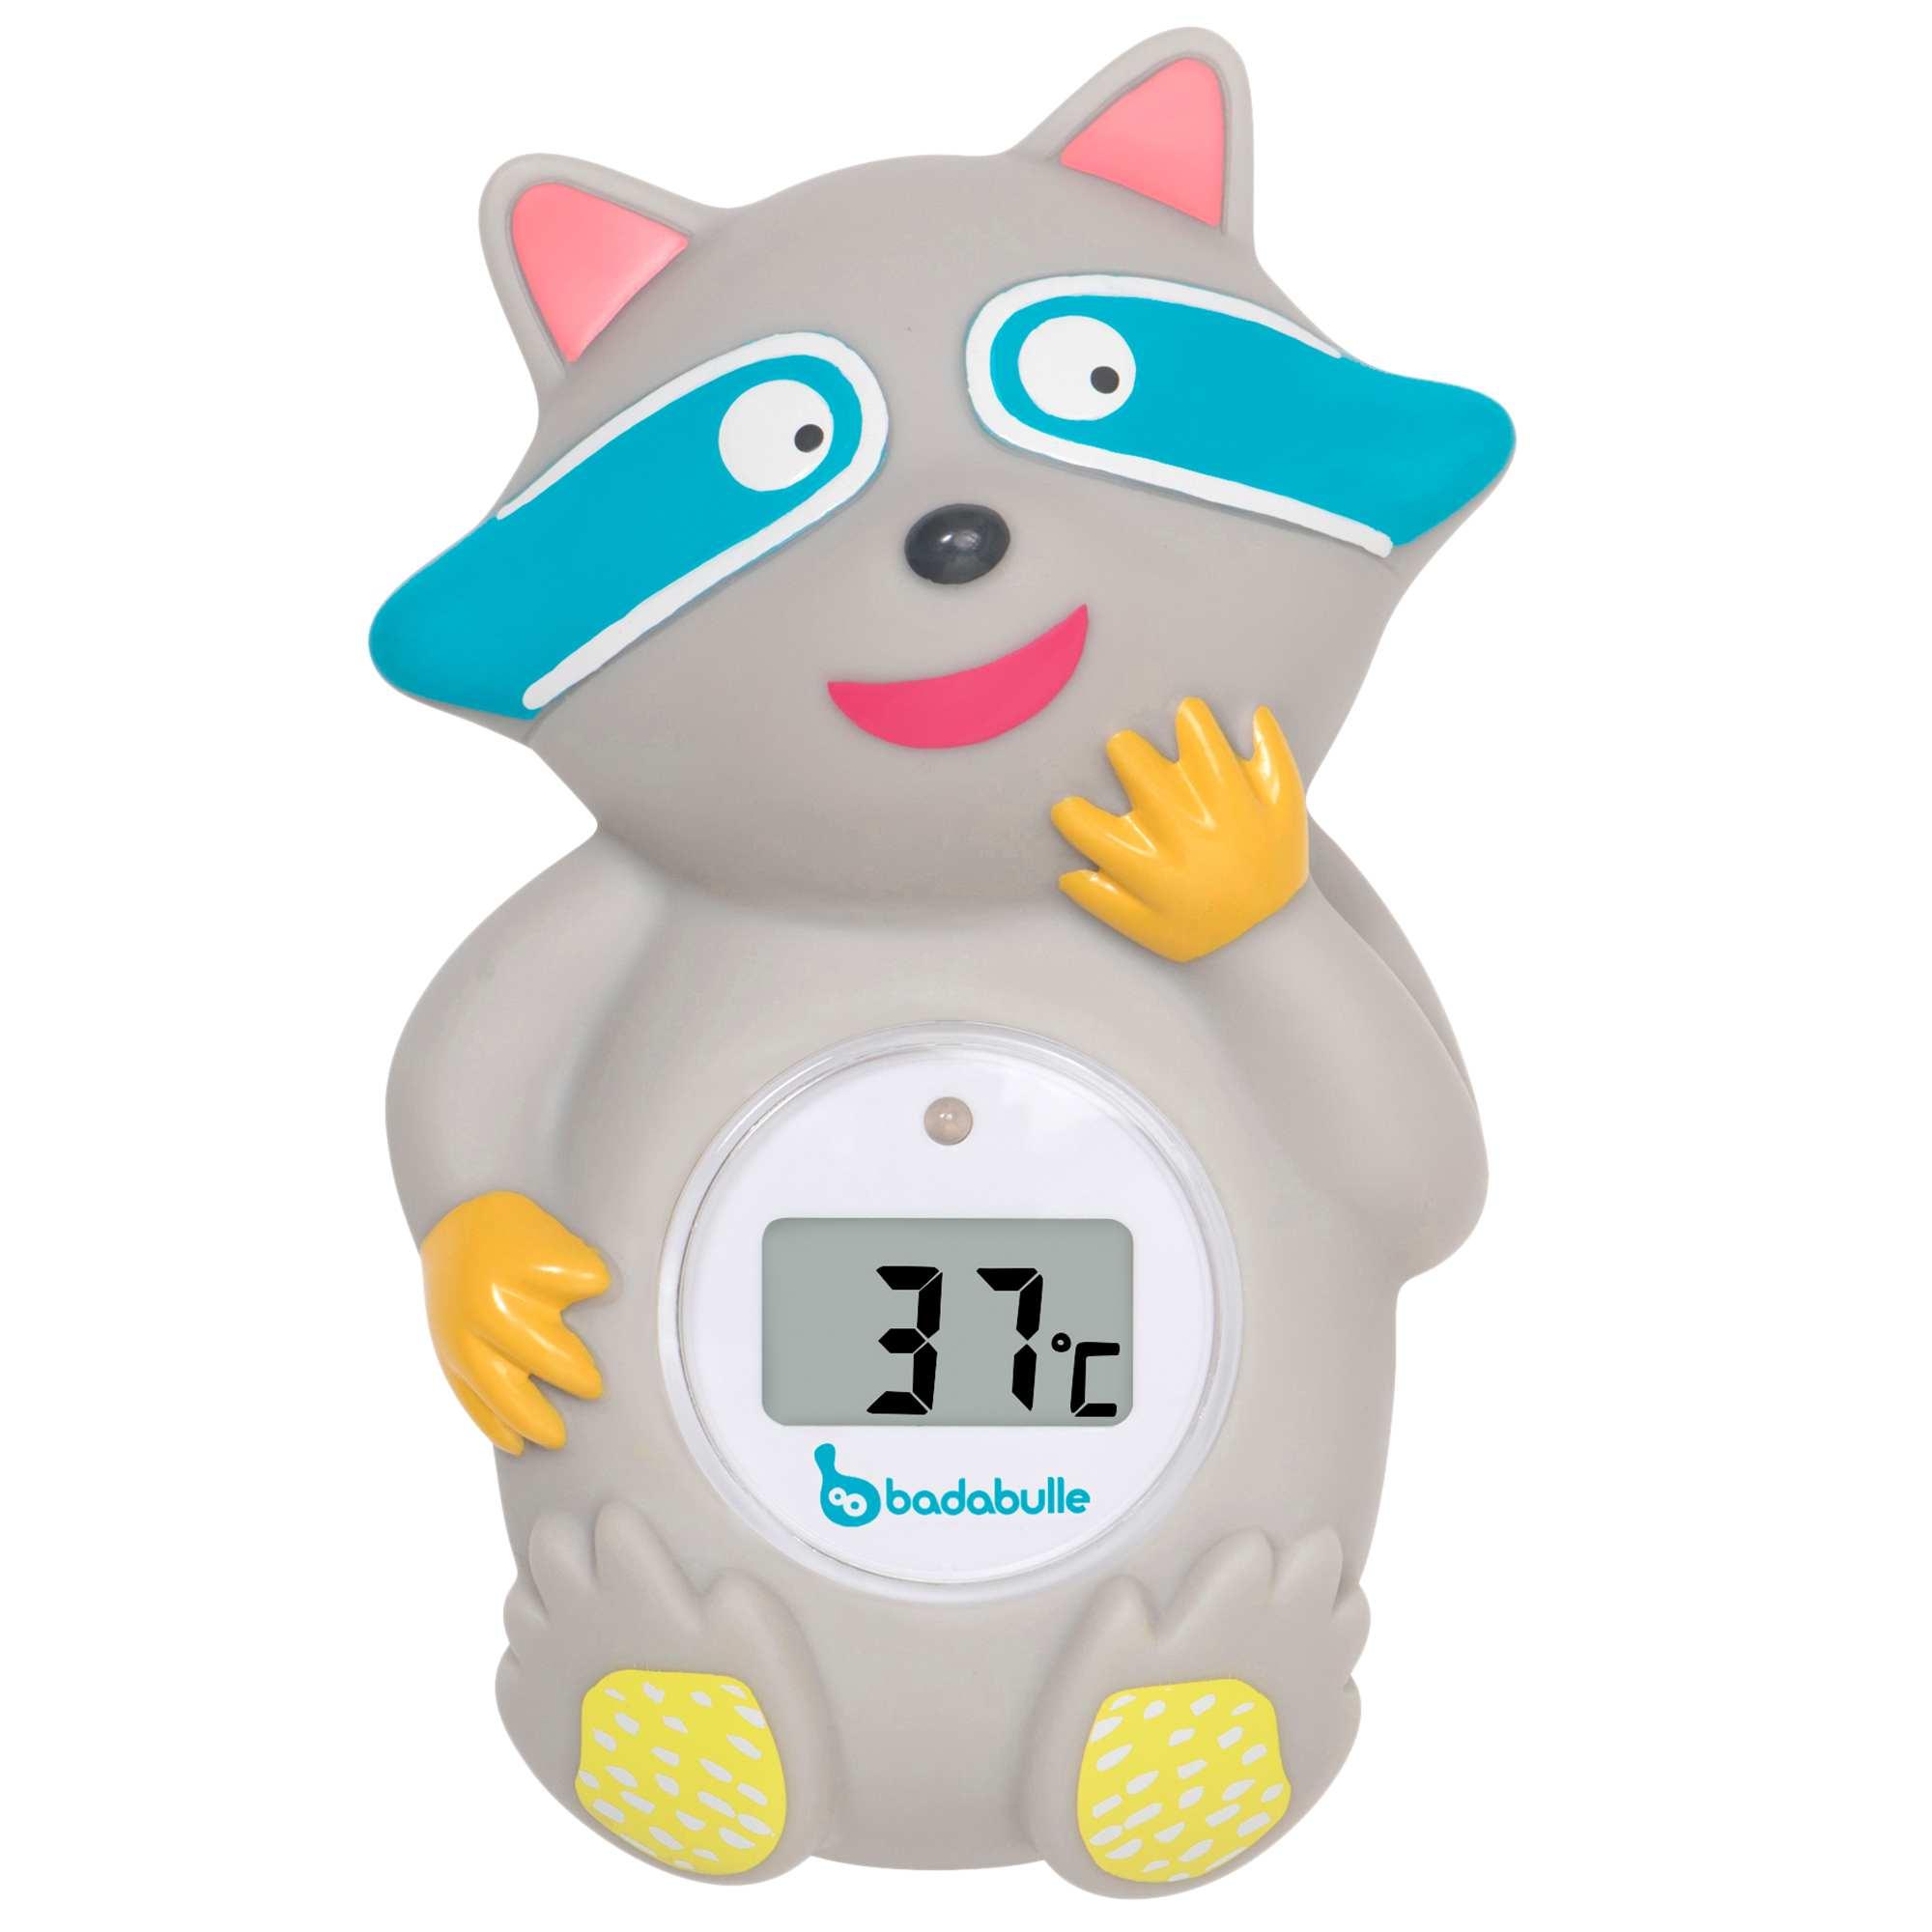 Thermom tre de bain digital 39 badabulle 39 b b fille kiabi for Thermometre de chambre bebe